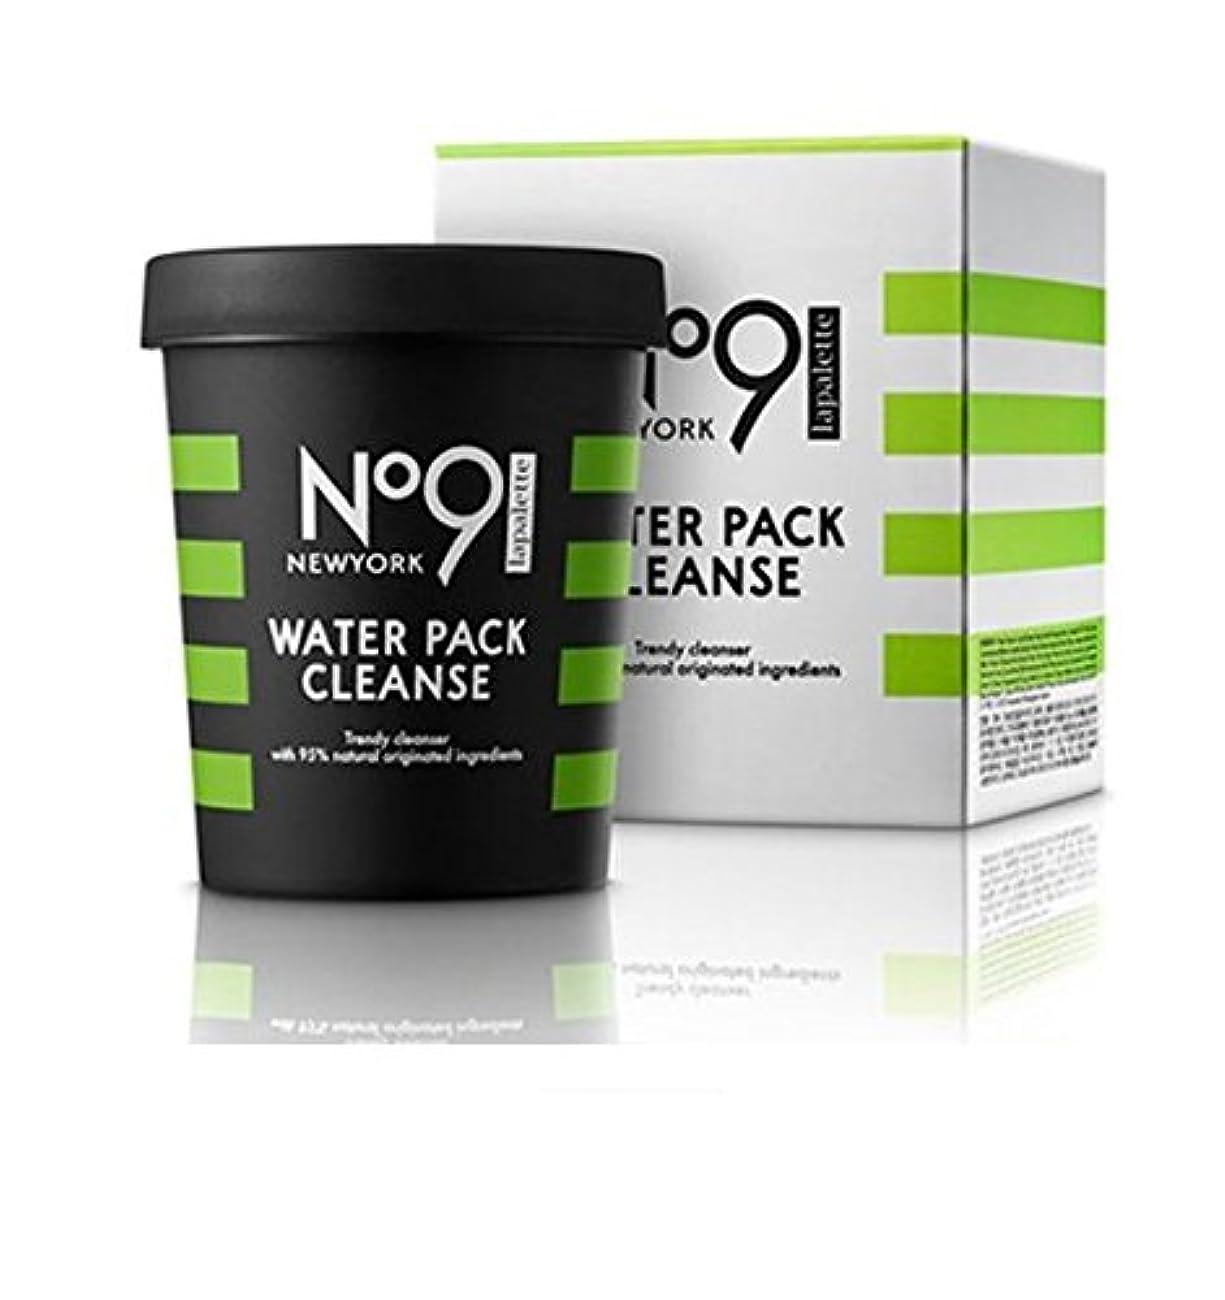 その帆いたずらなlapalette (ラ パレット) No.9 ウォーター パッククレンザー/No.9 Water Pack Cleanse (250g) (ゼリーゼリーケール(Jelly Jelly Kale)) [並行輸入品]